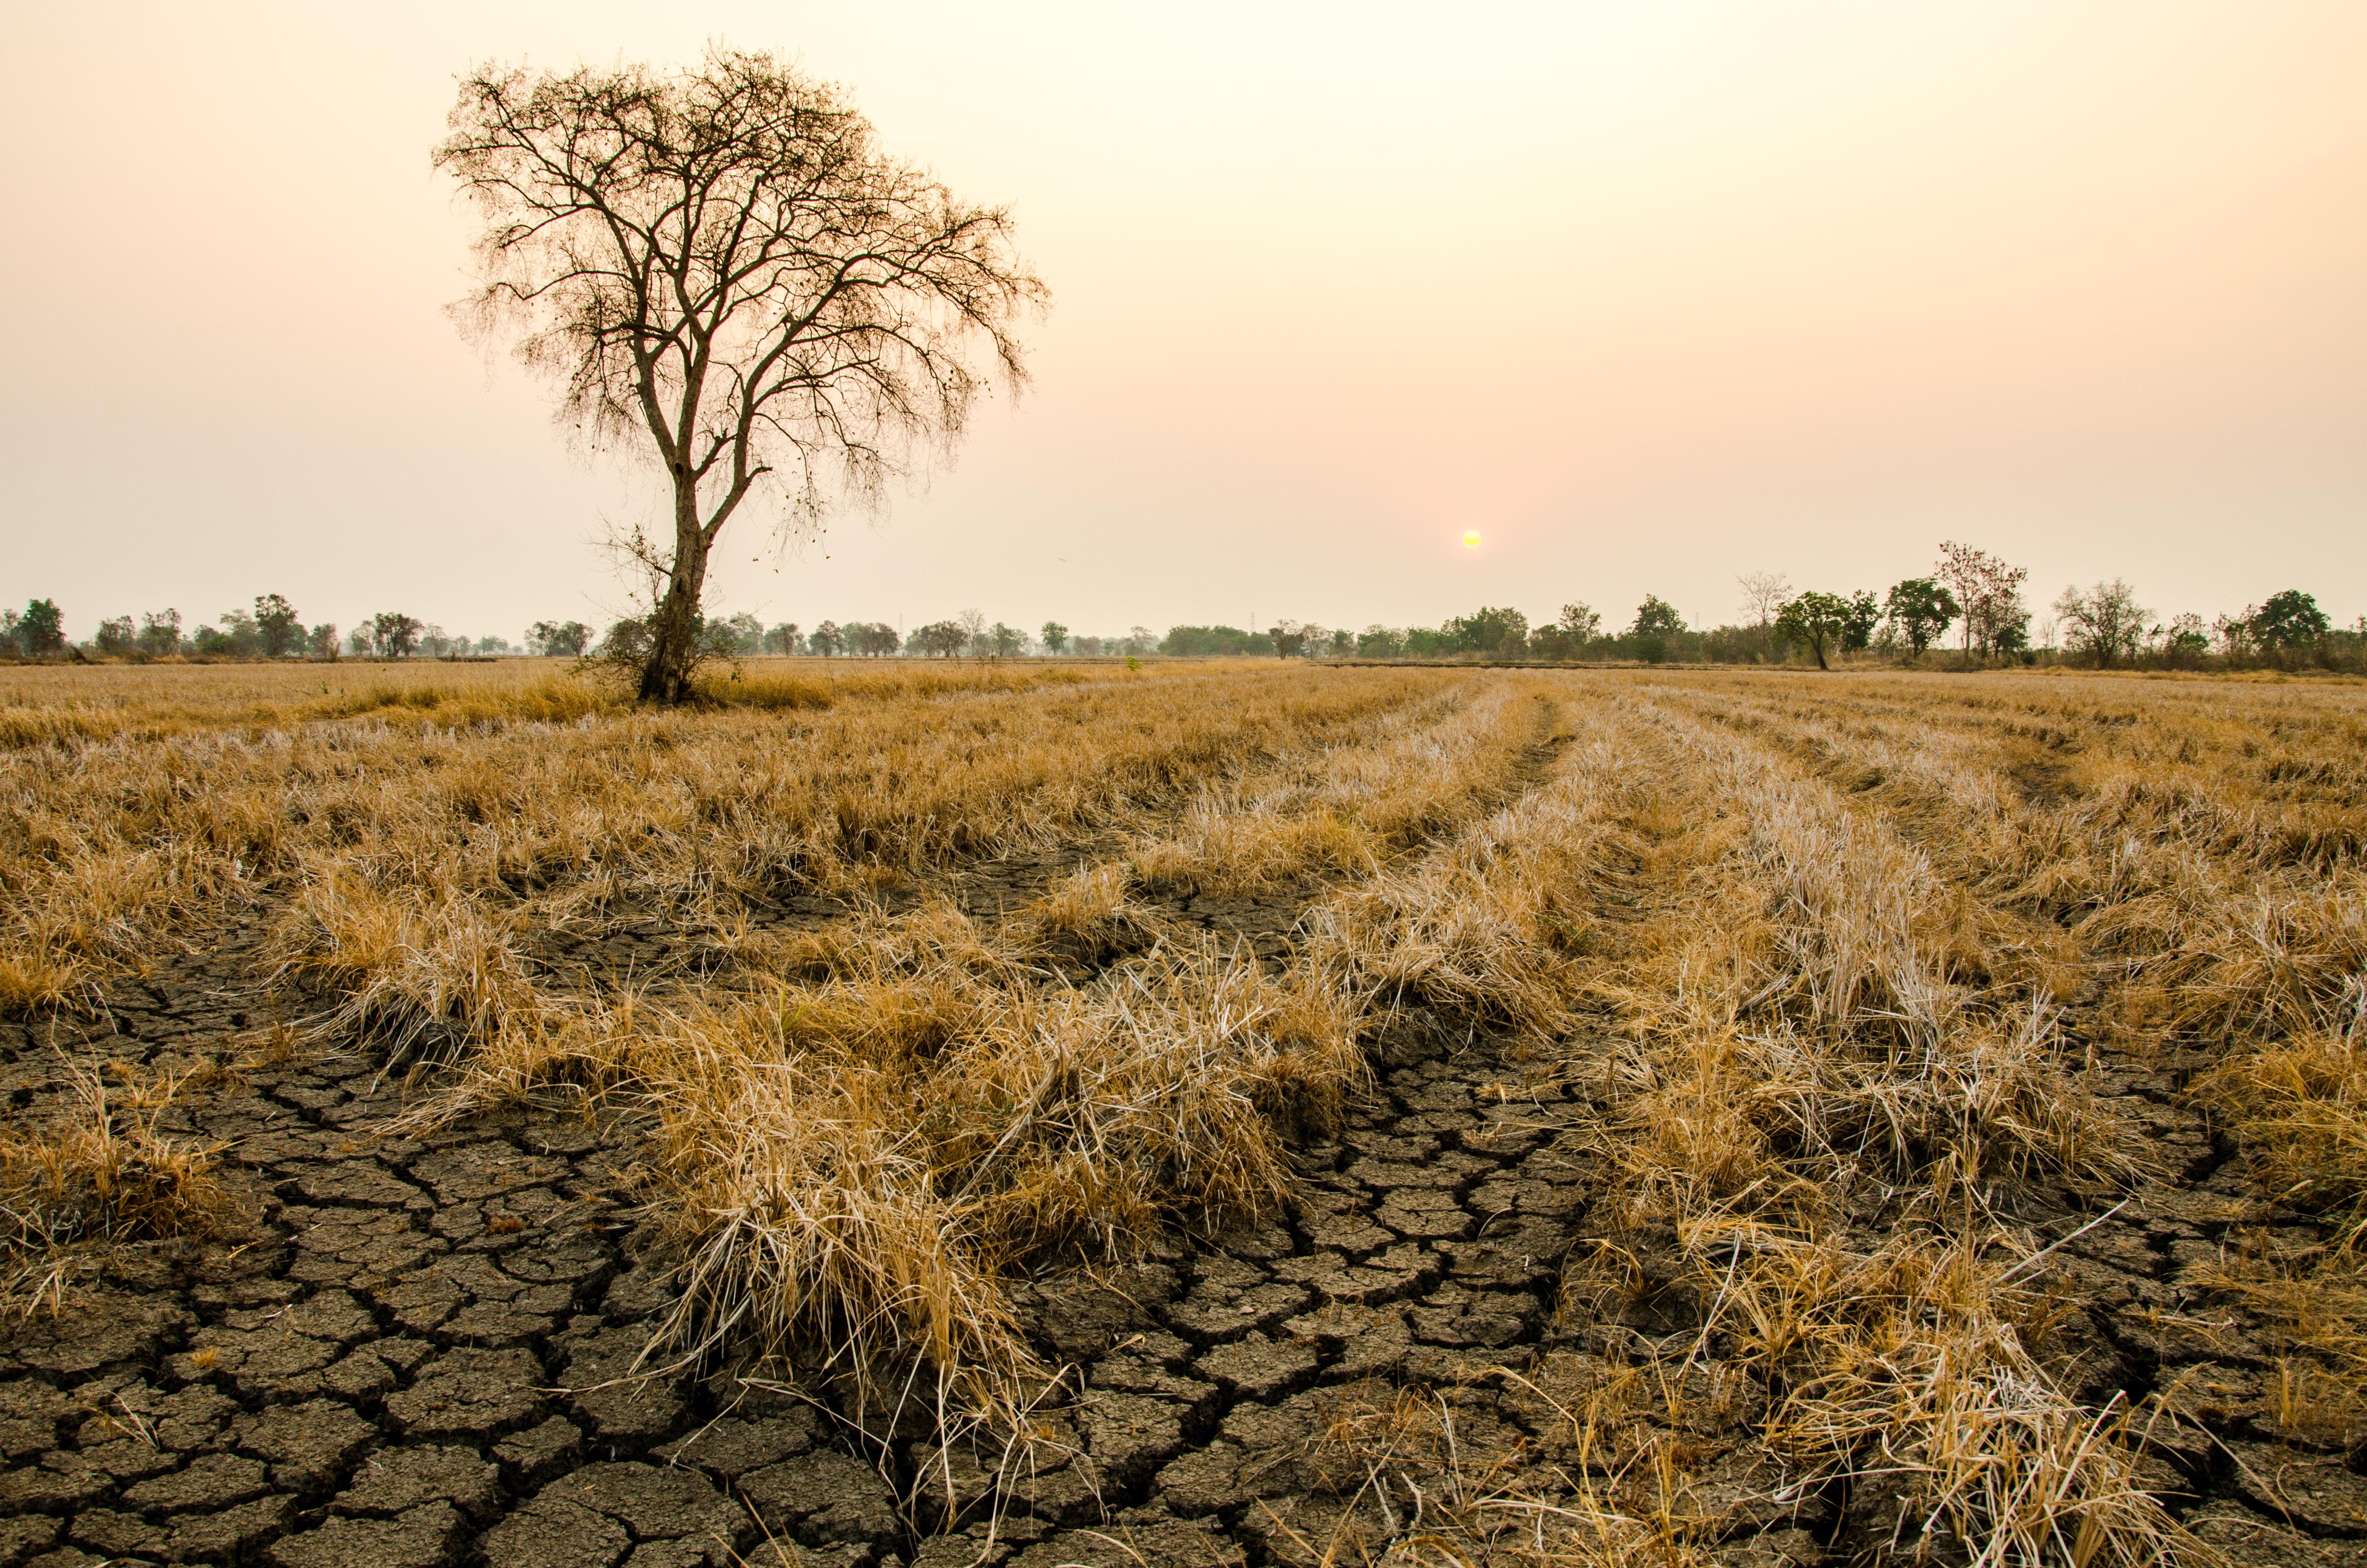 11 จังหวัดเจอภัยแล้ง เขื่อนหลักน้ำน้อยส่งผลกระทบเกษตรกรทั่วไทย